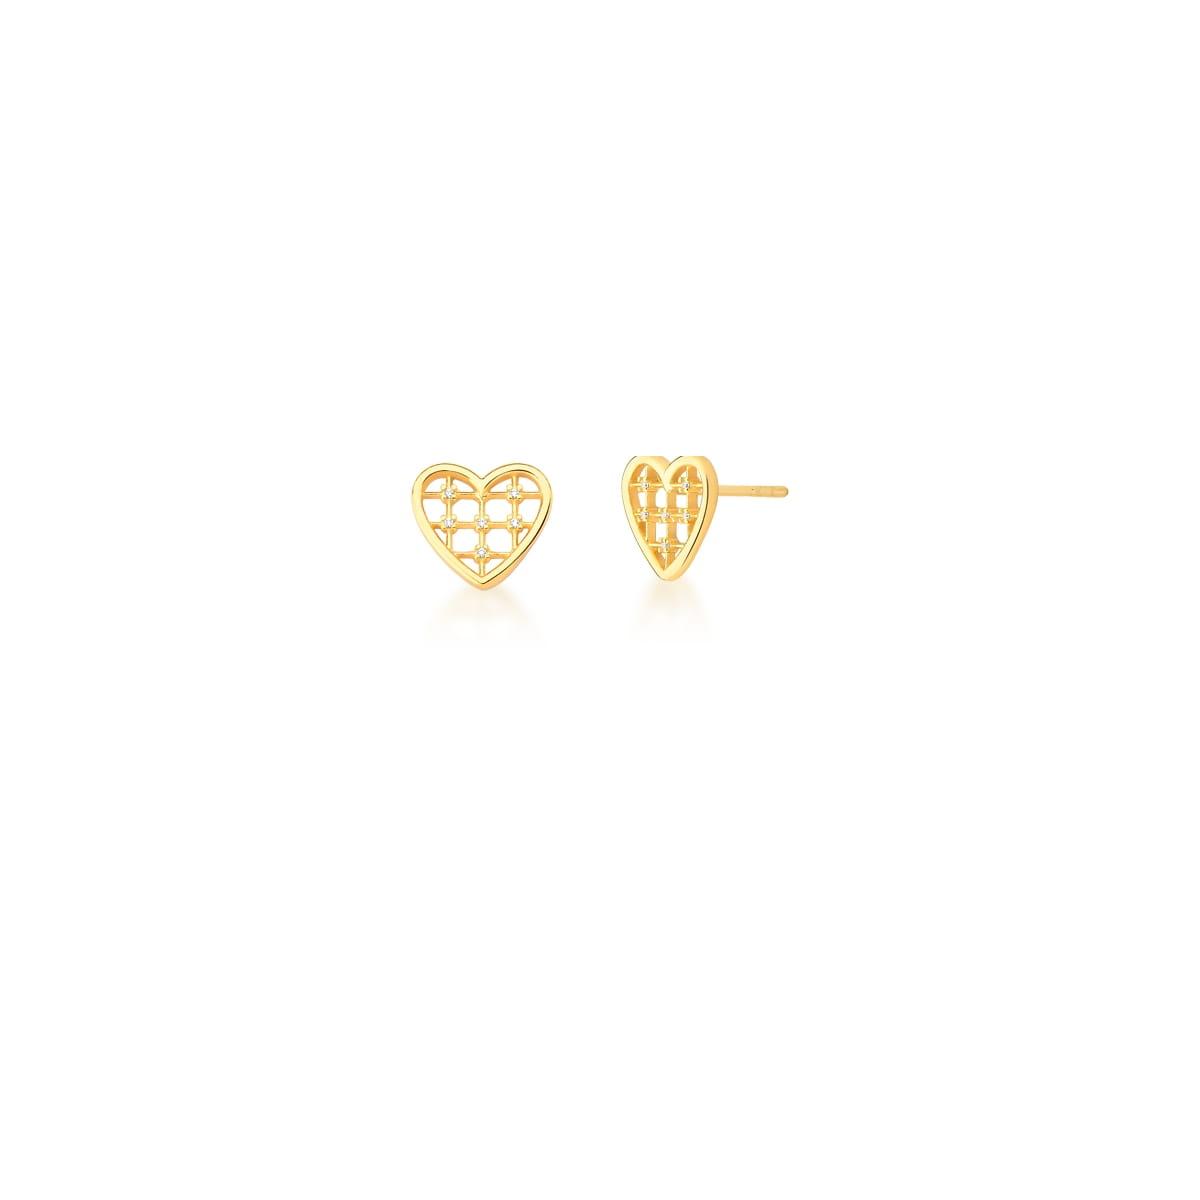 Brinco de Coração Vazado com Zircônias Banhado a Ouro